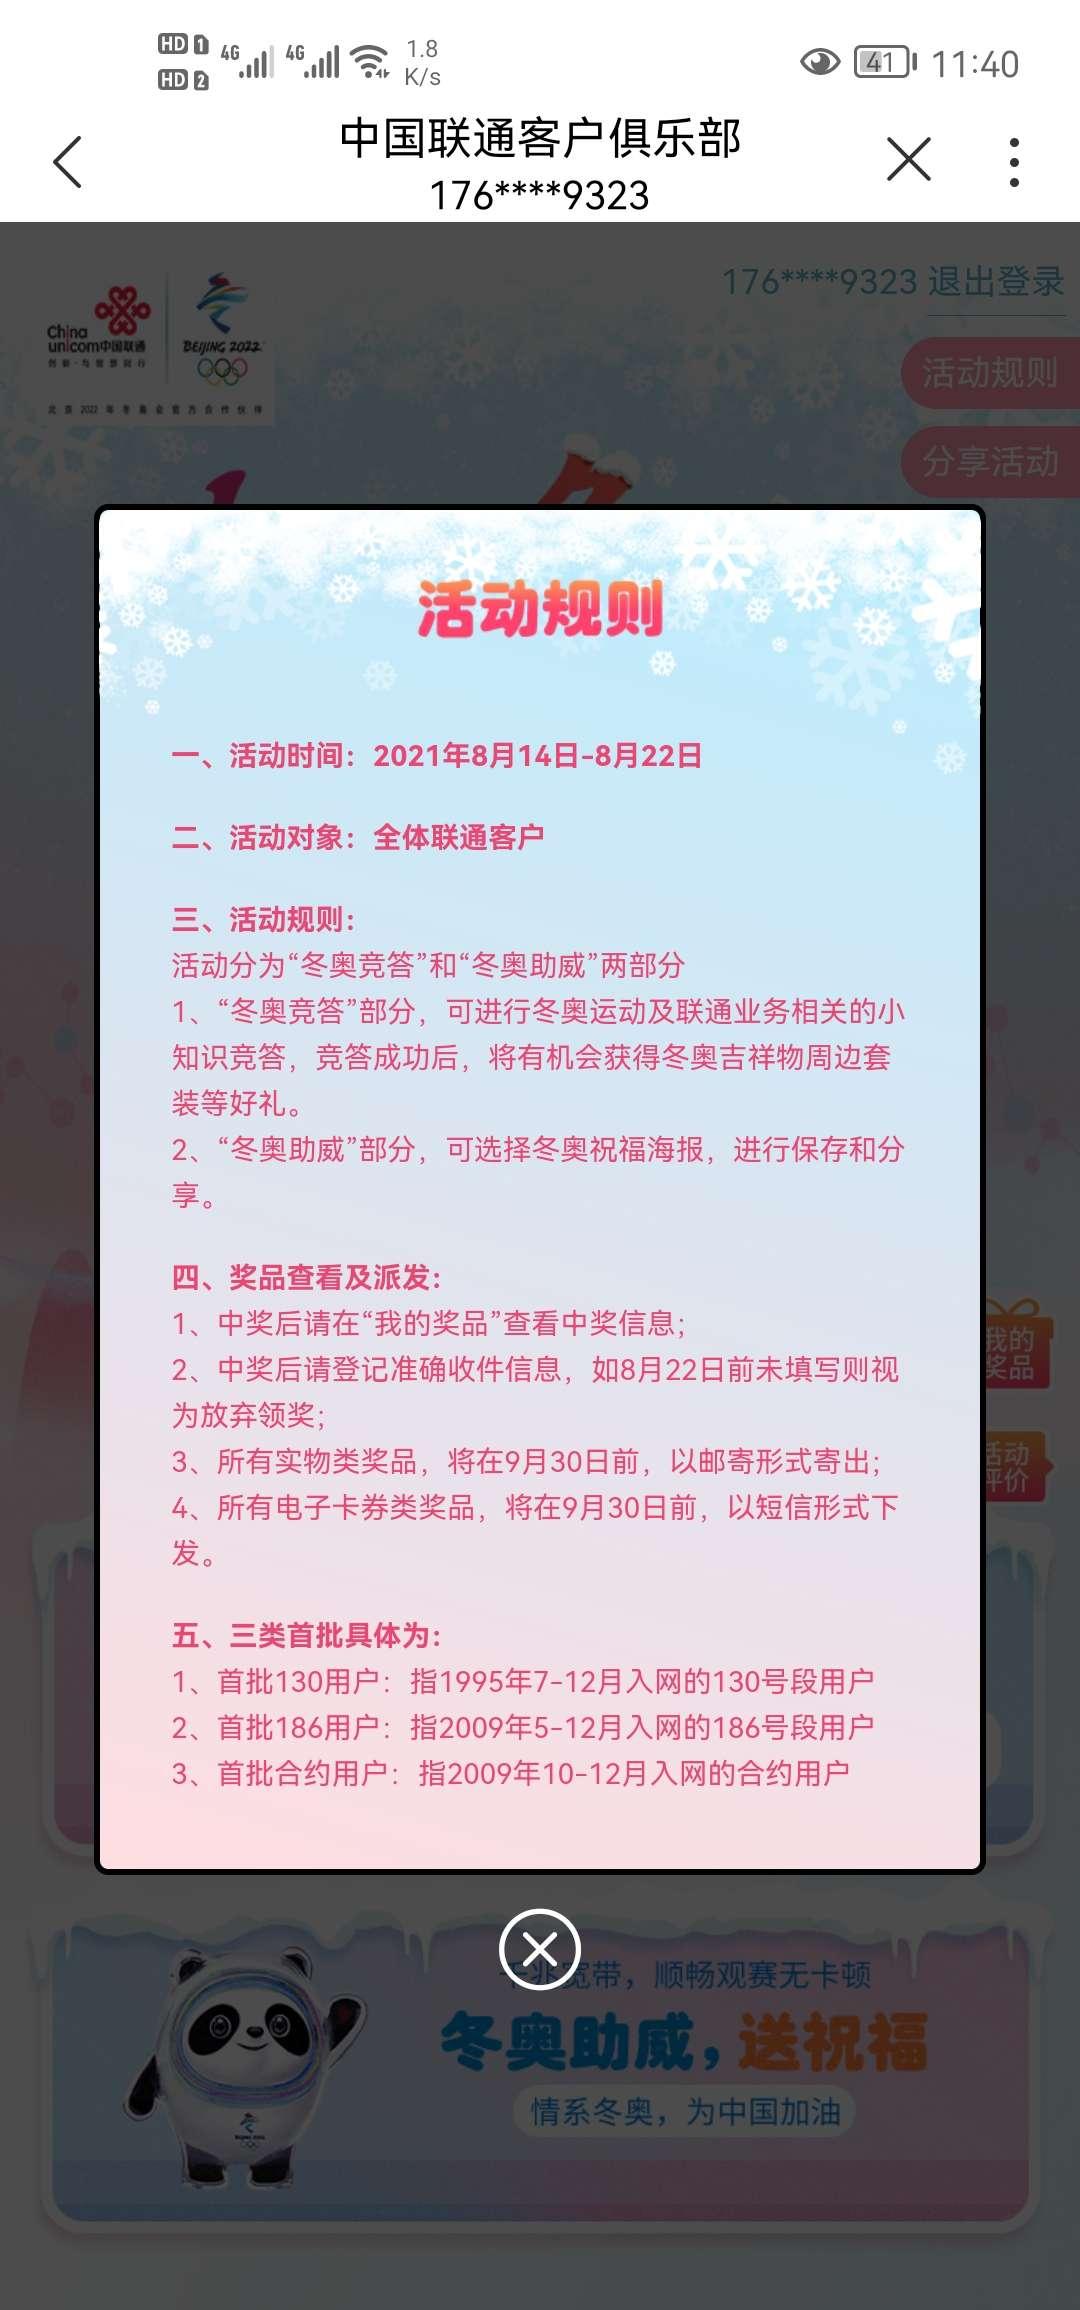 【虚拟物品】中国联通七夕礼抽视频会员插图2